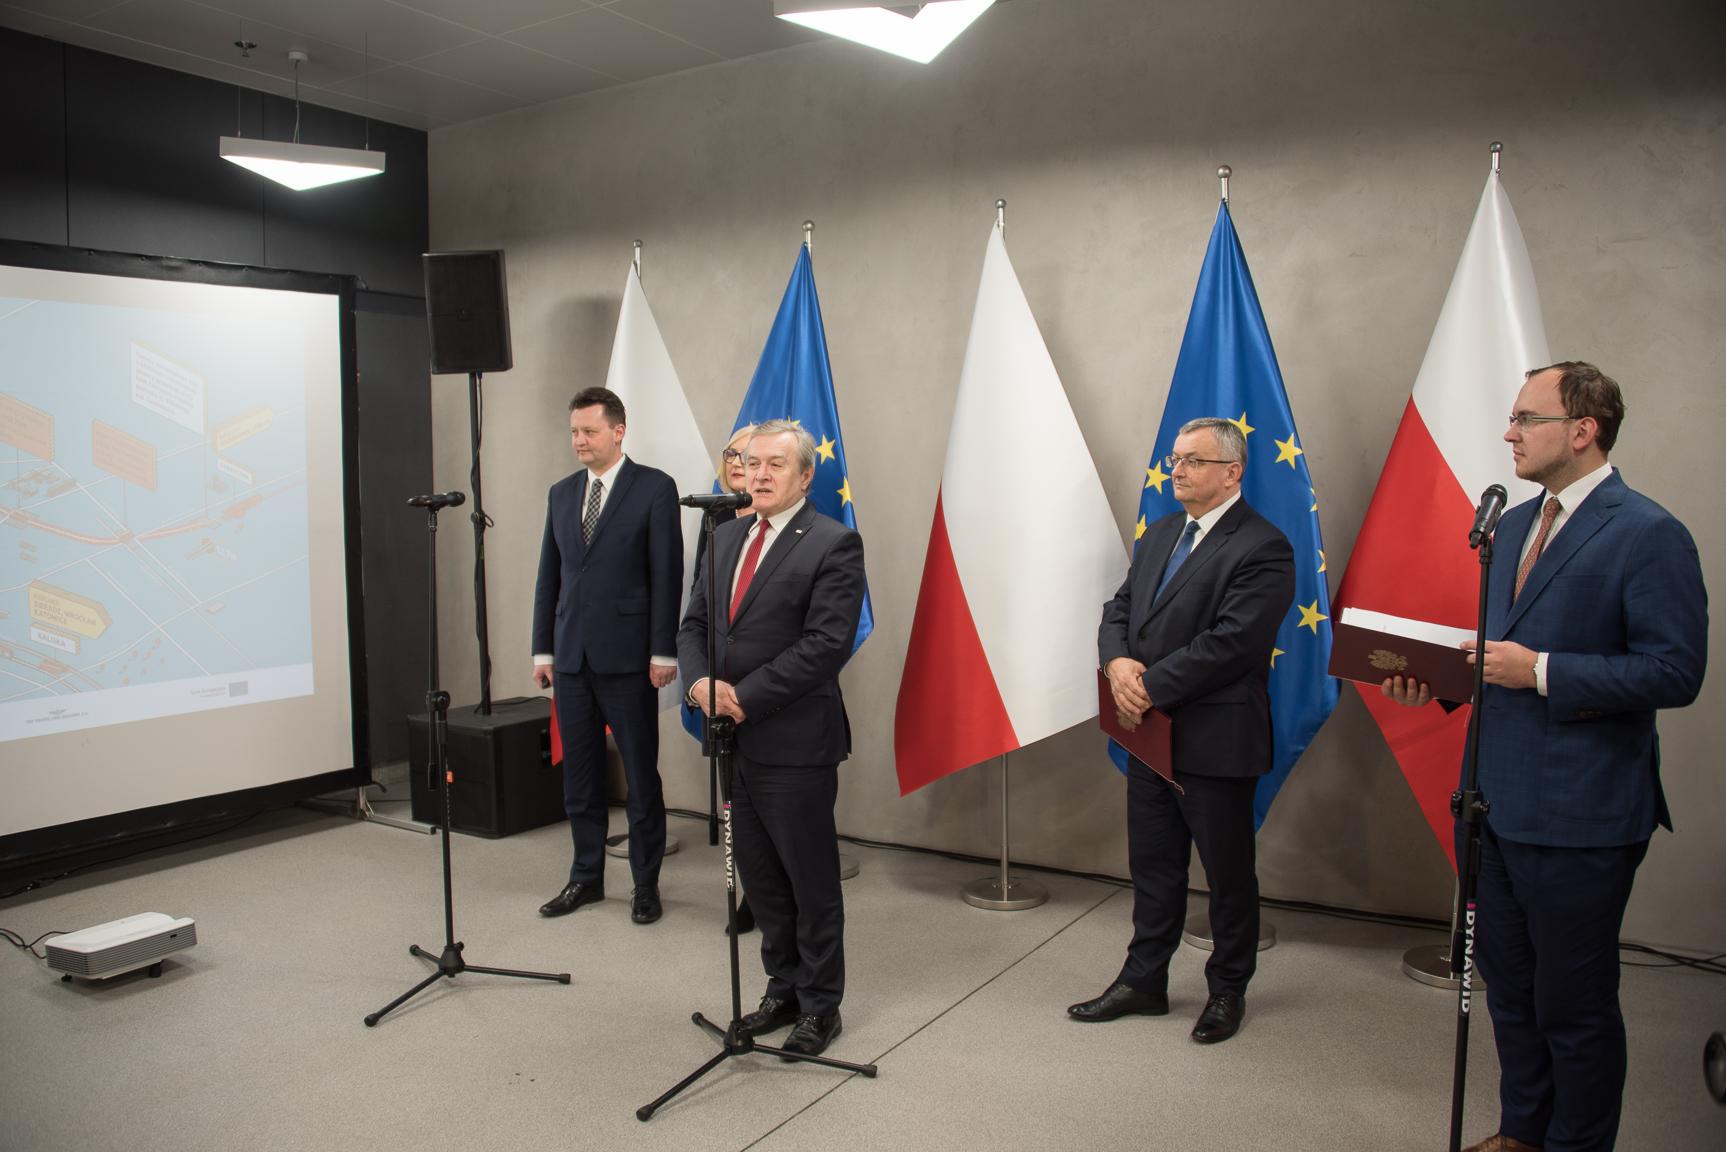 Konferencja prasowa w Łodzi